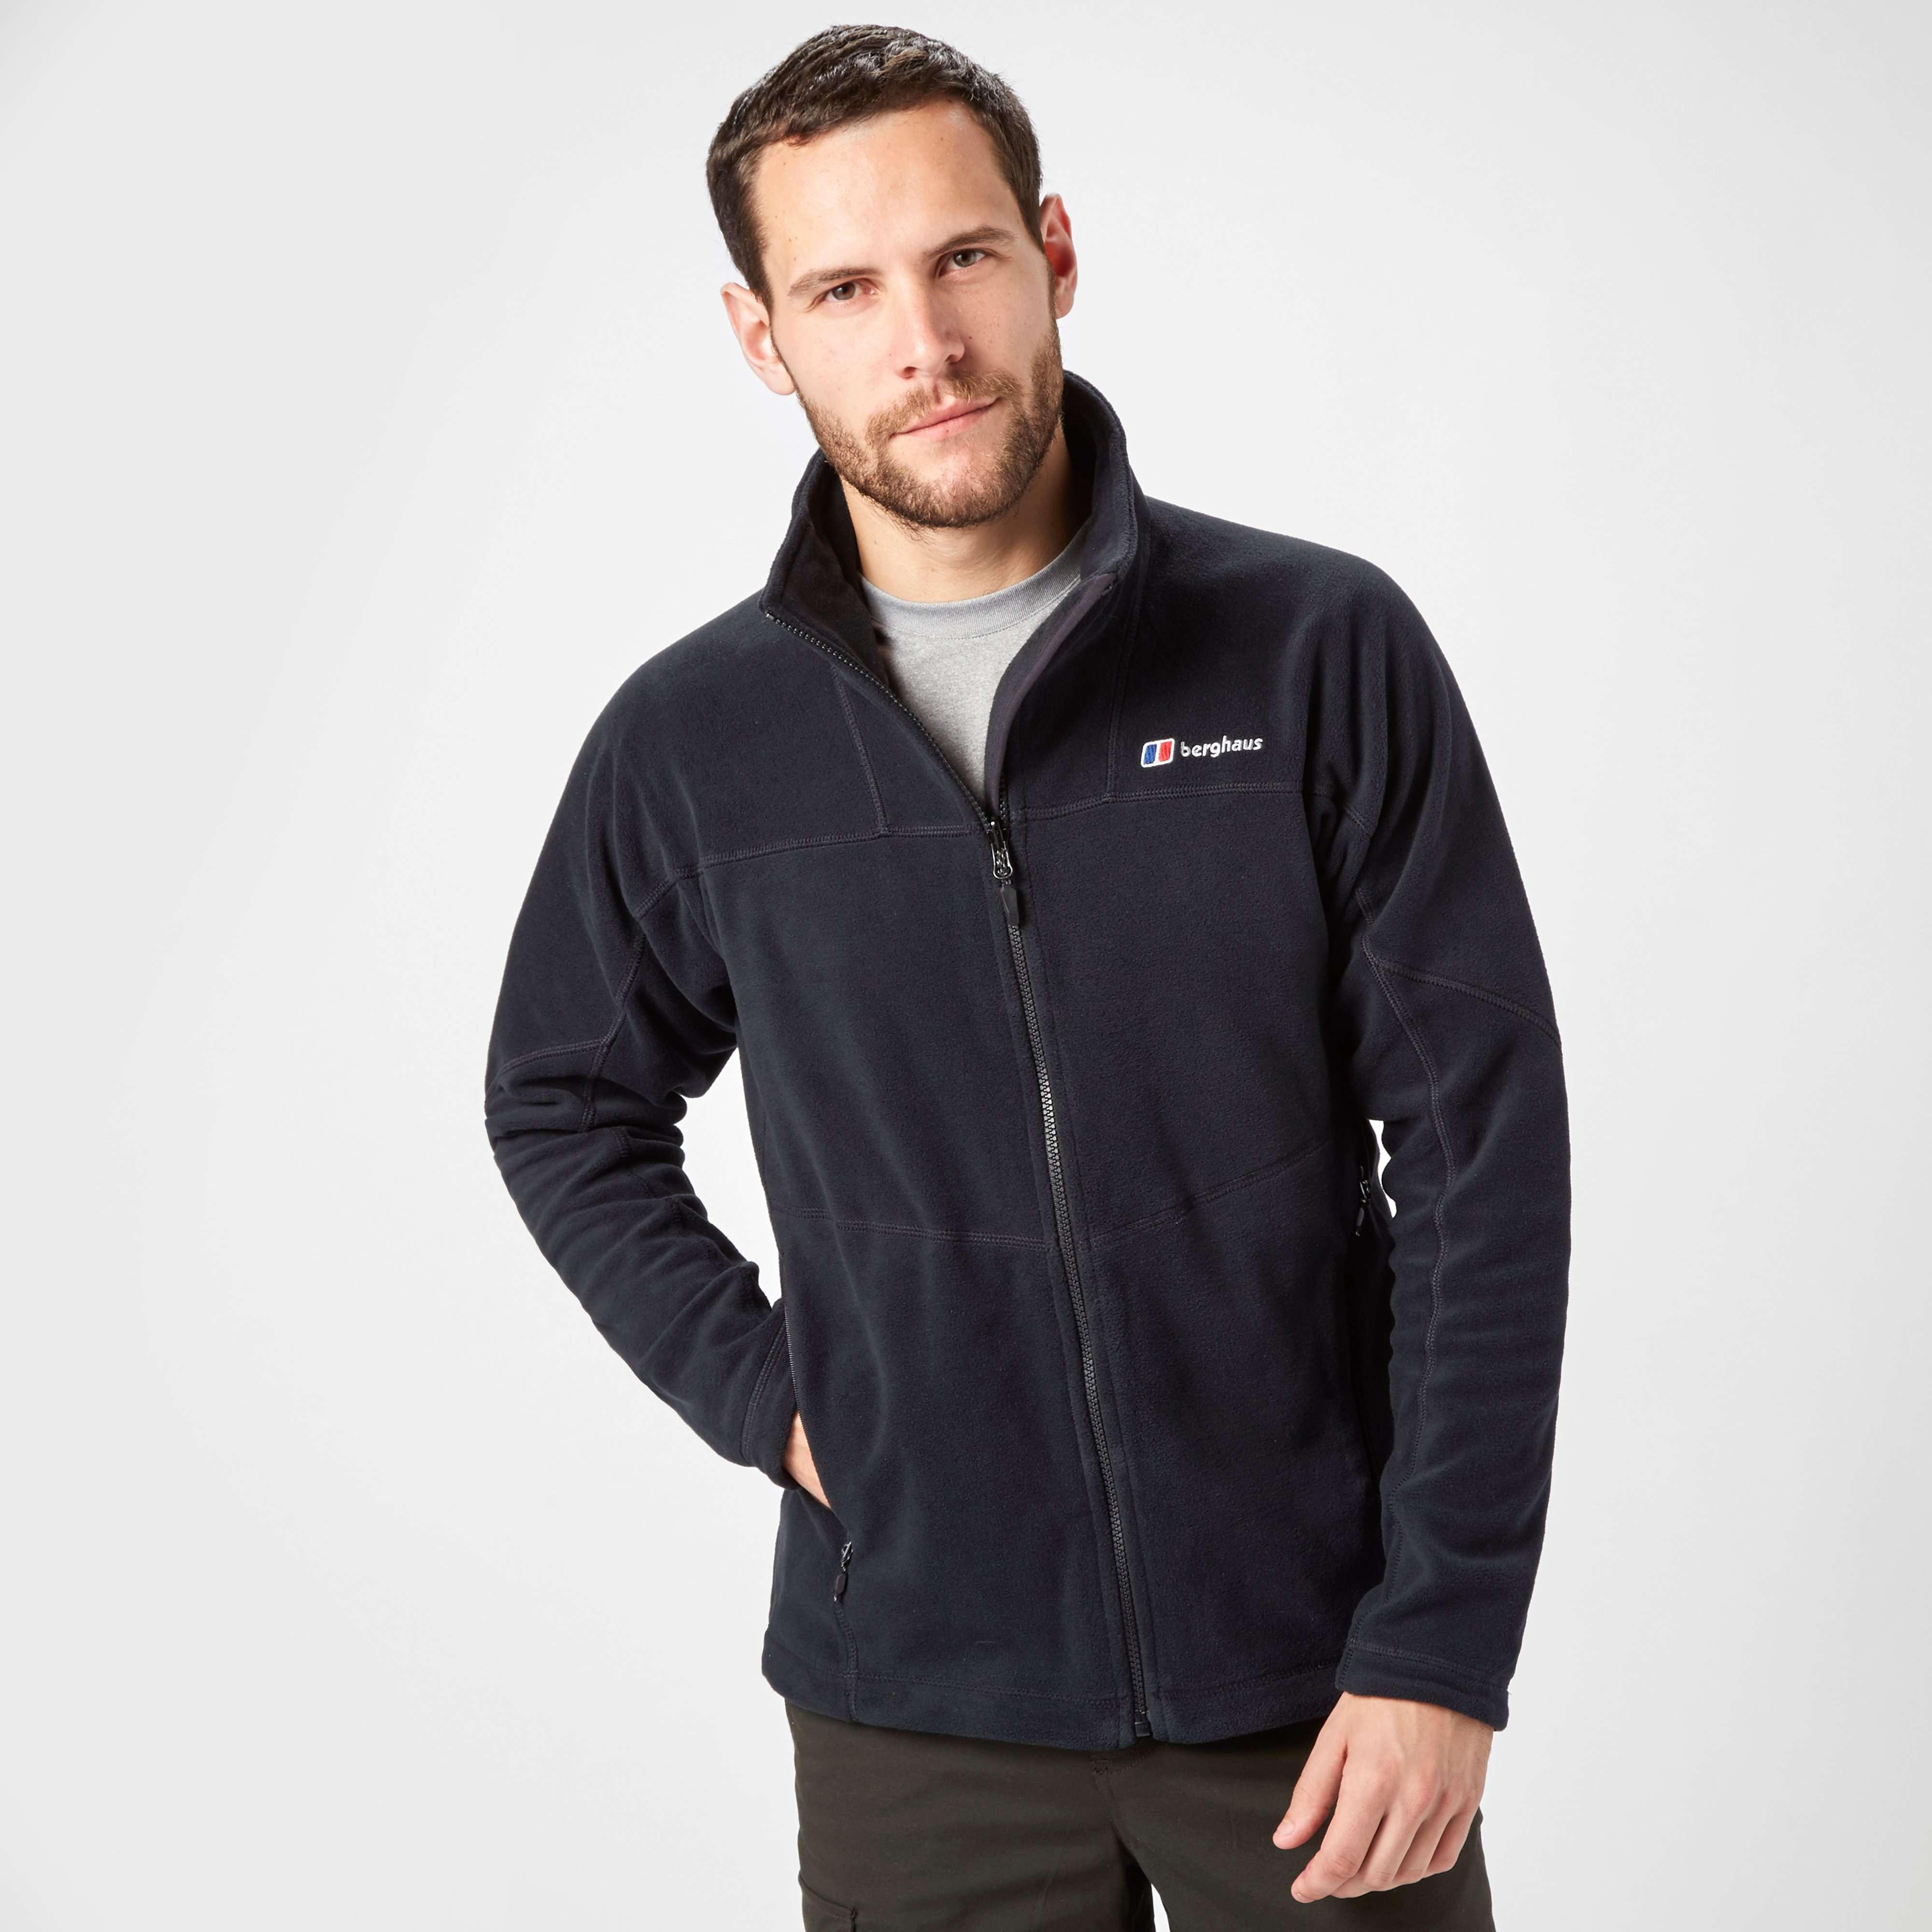 BERGHAUS Men's Prism II Full-Zip Micro Fleece